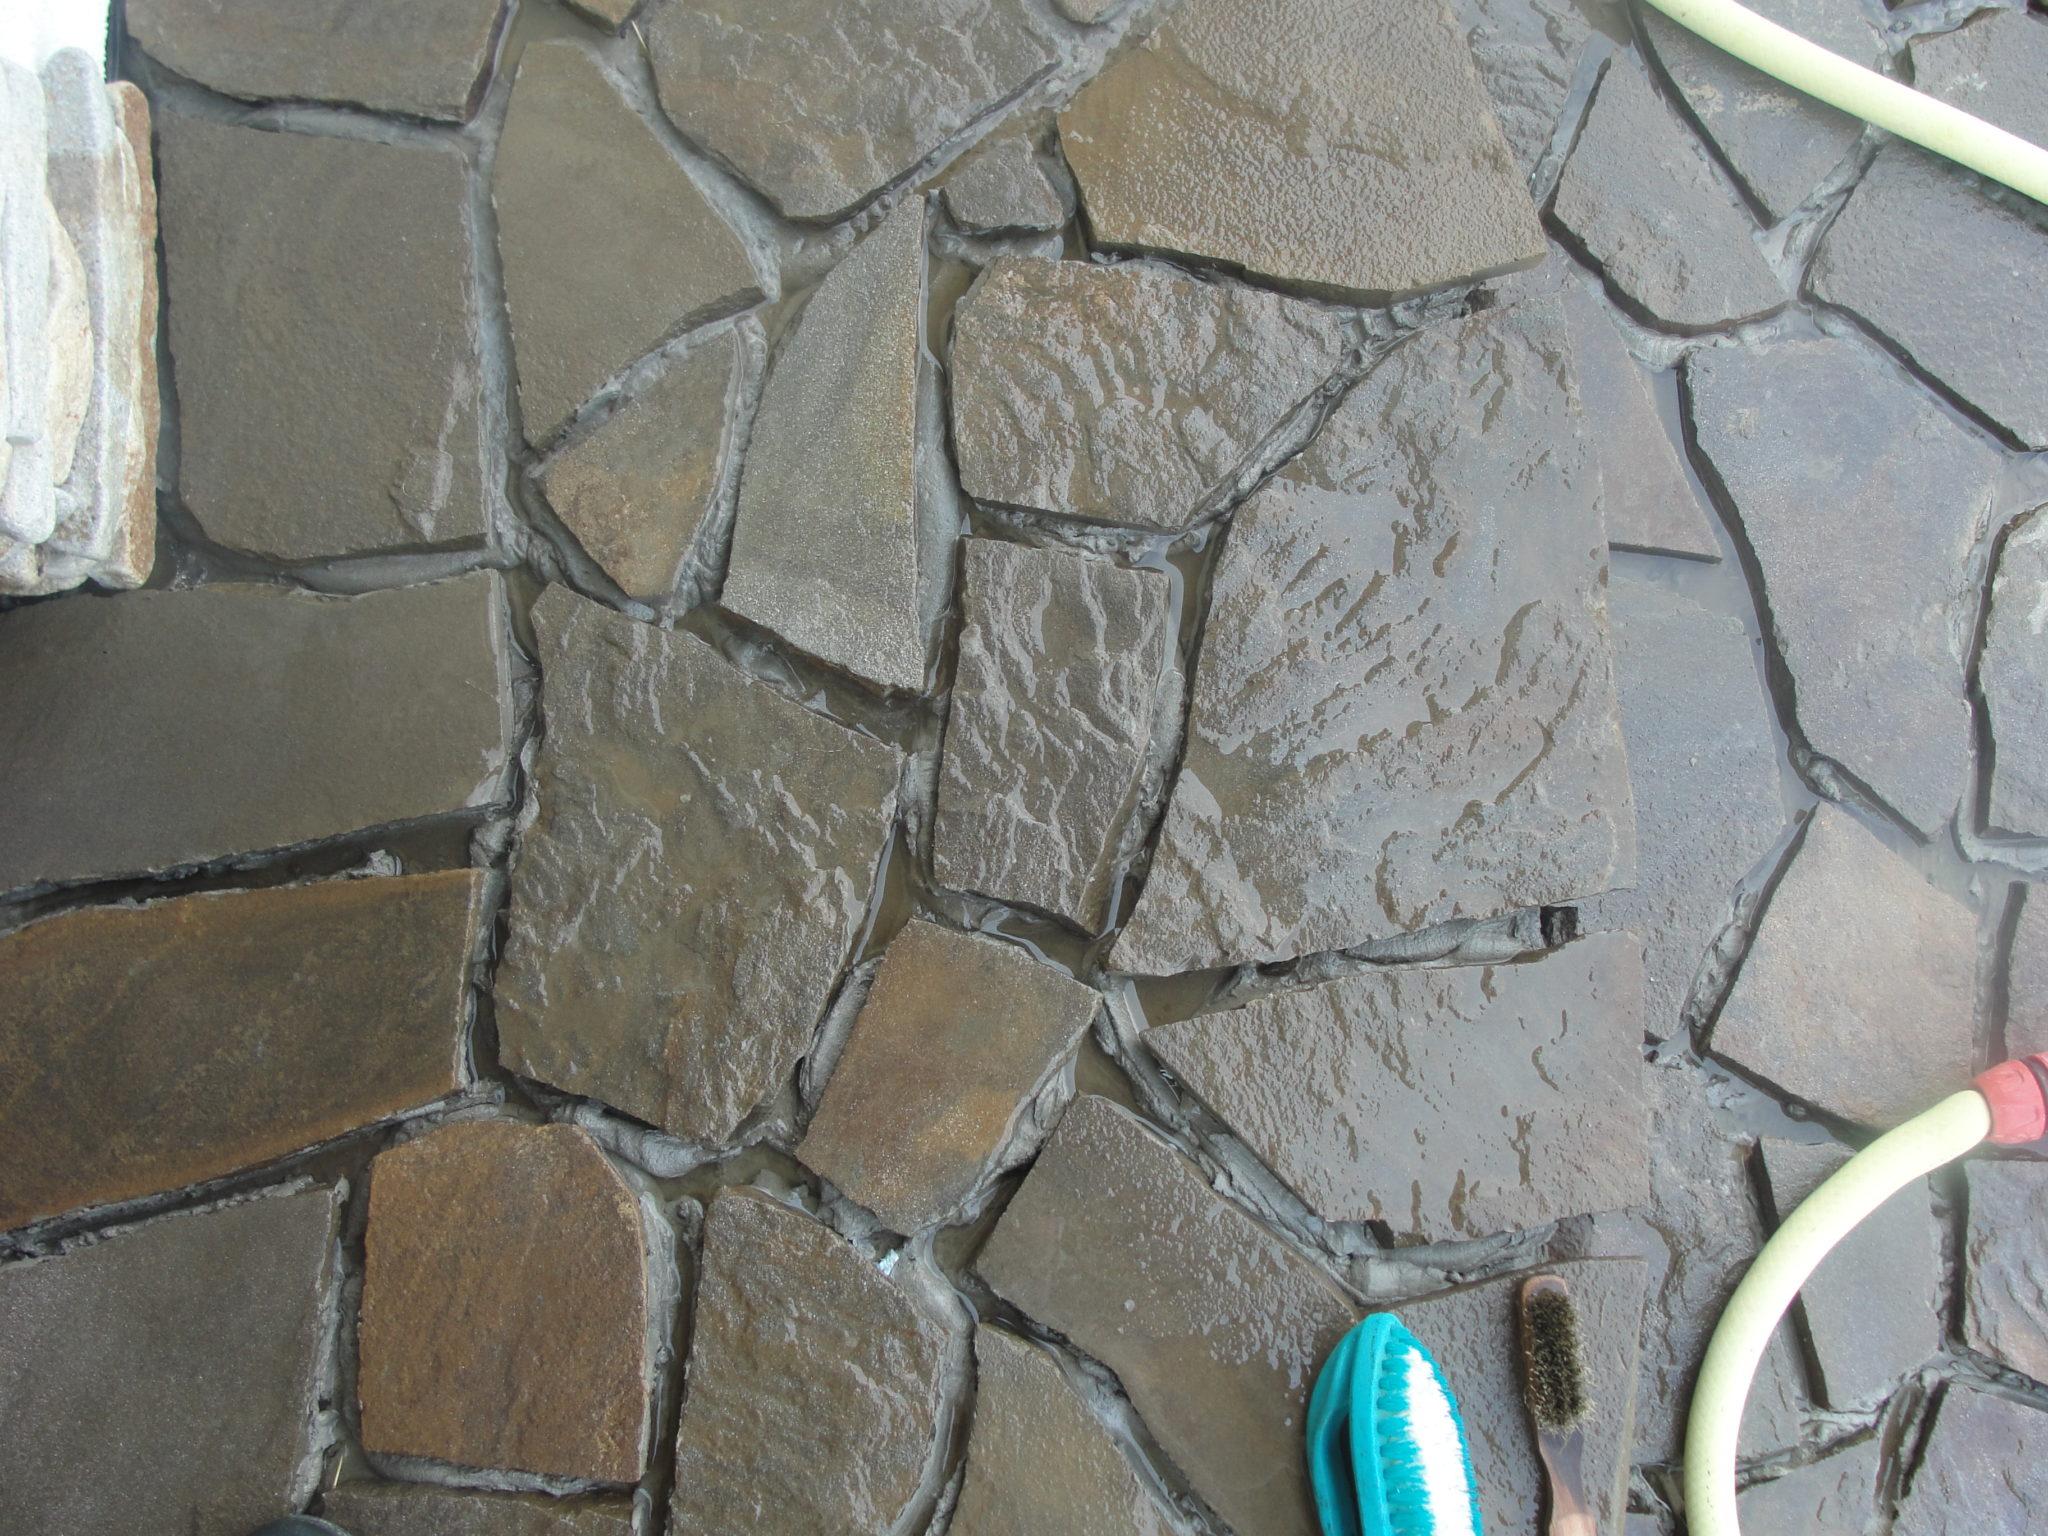 Urok Kamienia Pl Fugowanie Na Sucho Urok Kamienia Pl